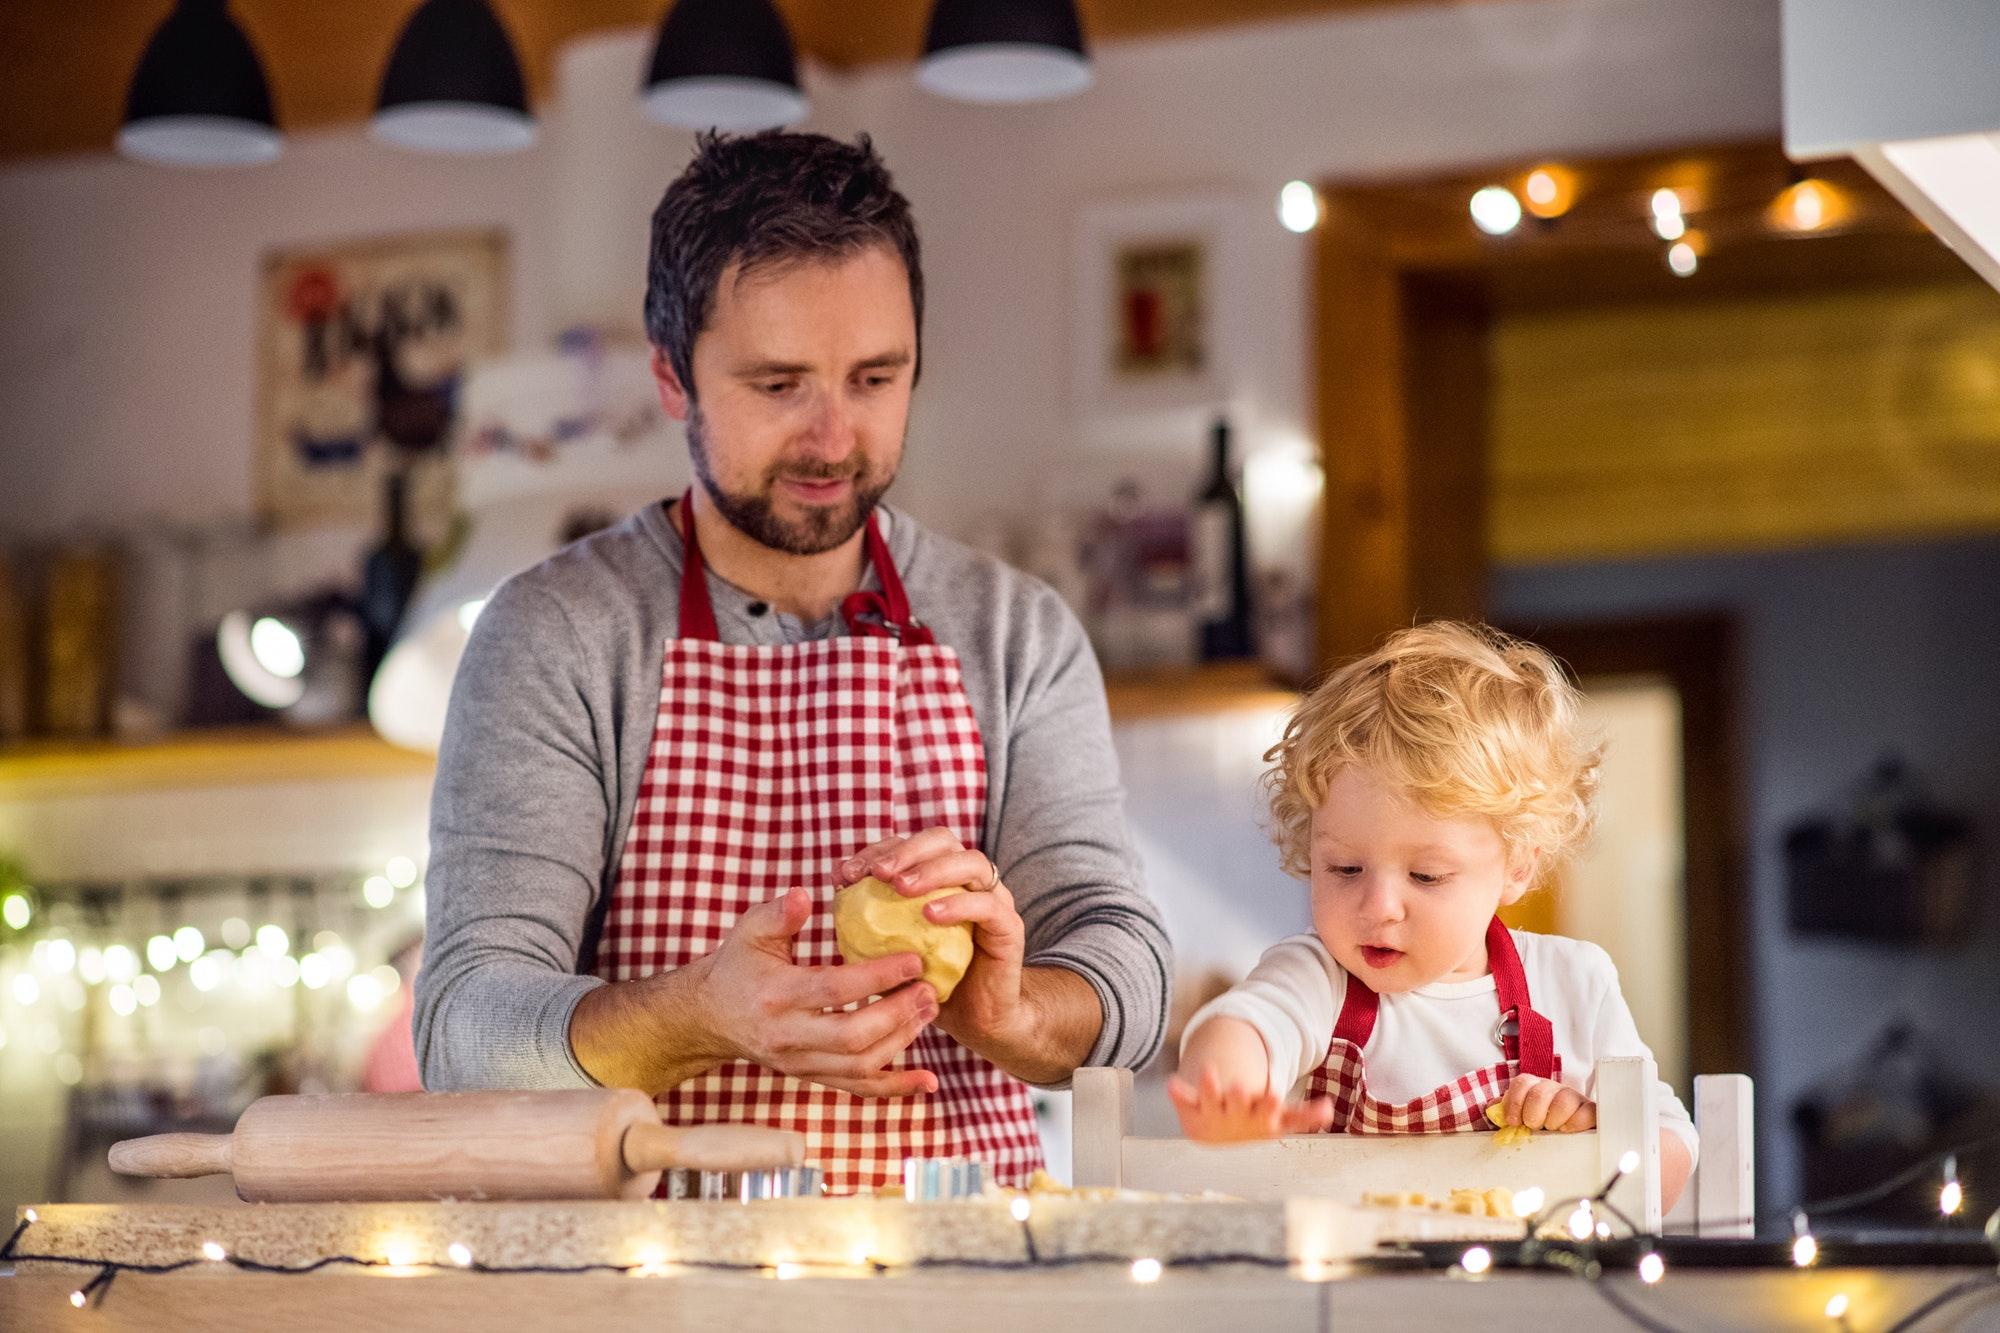 קוויקי: איך מכינים עוגיות שיסחטו מחמאות מבלי להתאמץ!